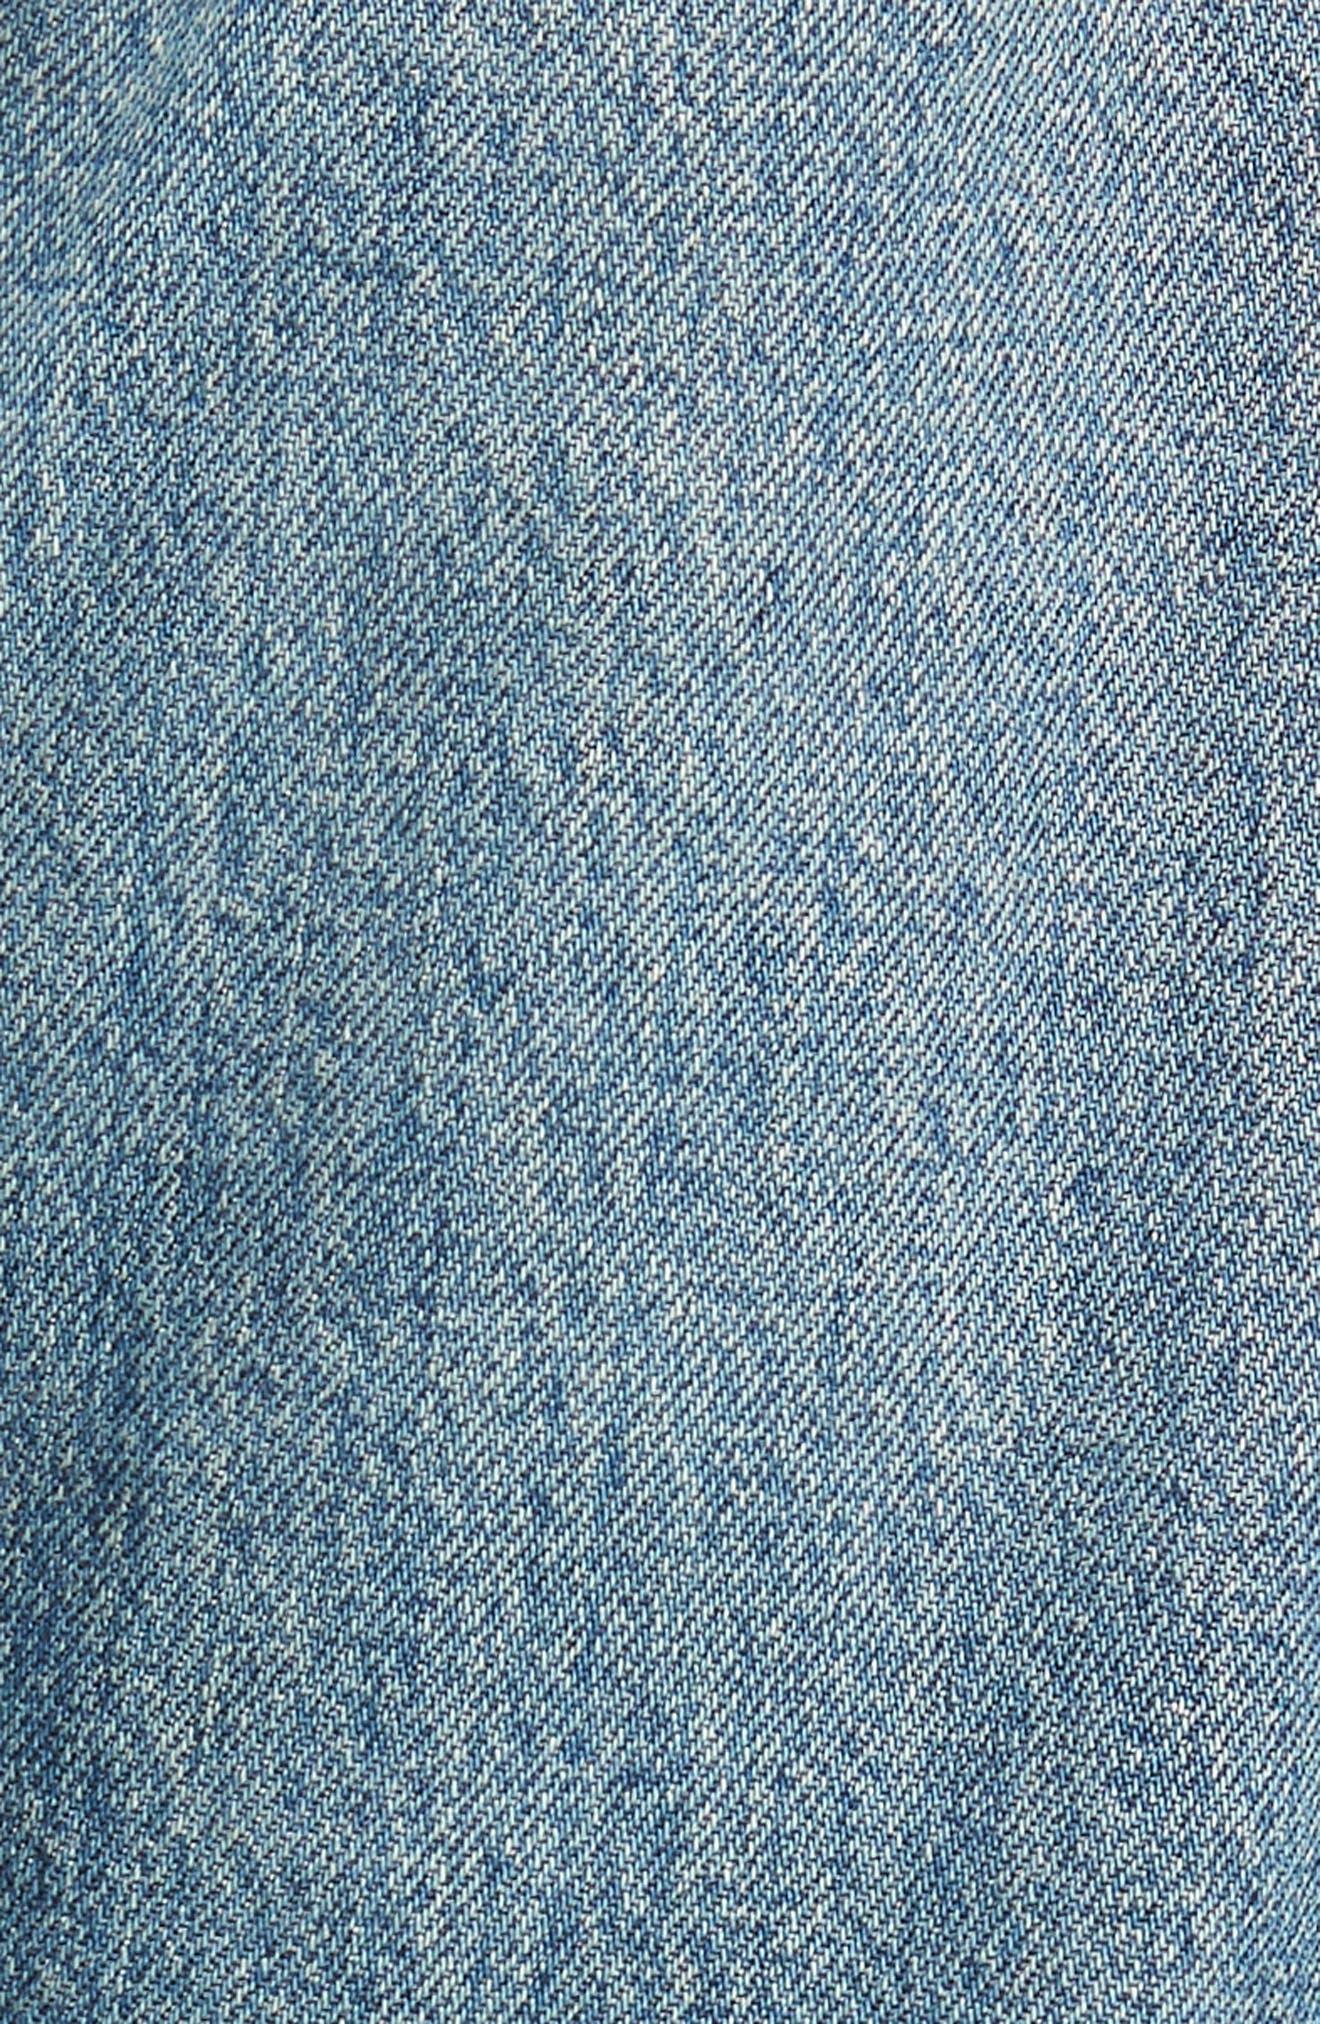 Emerson Crop Slim Boyfriend Jeans,                             Alternate thumbnail 6, color,                             421